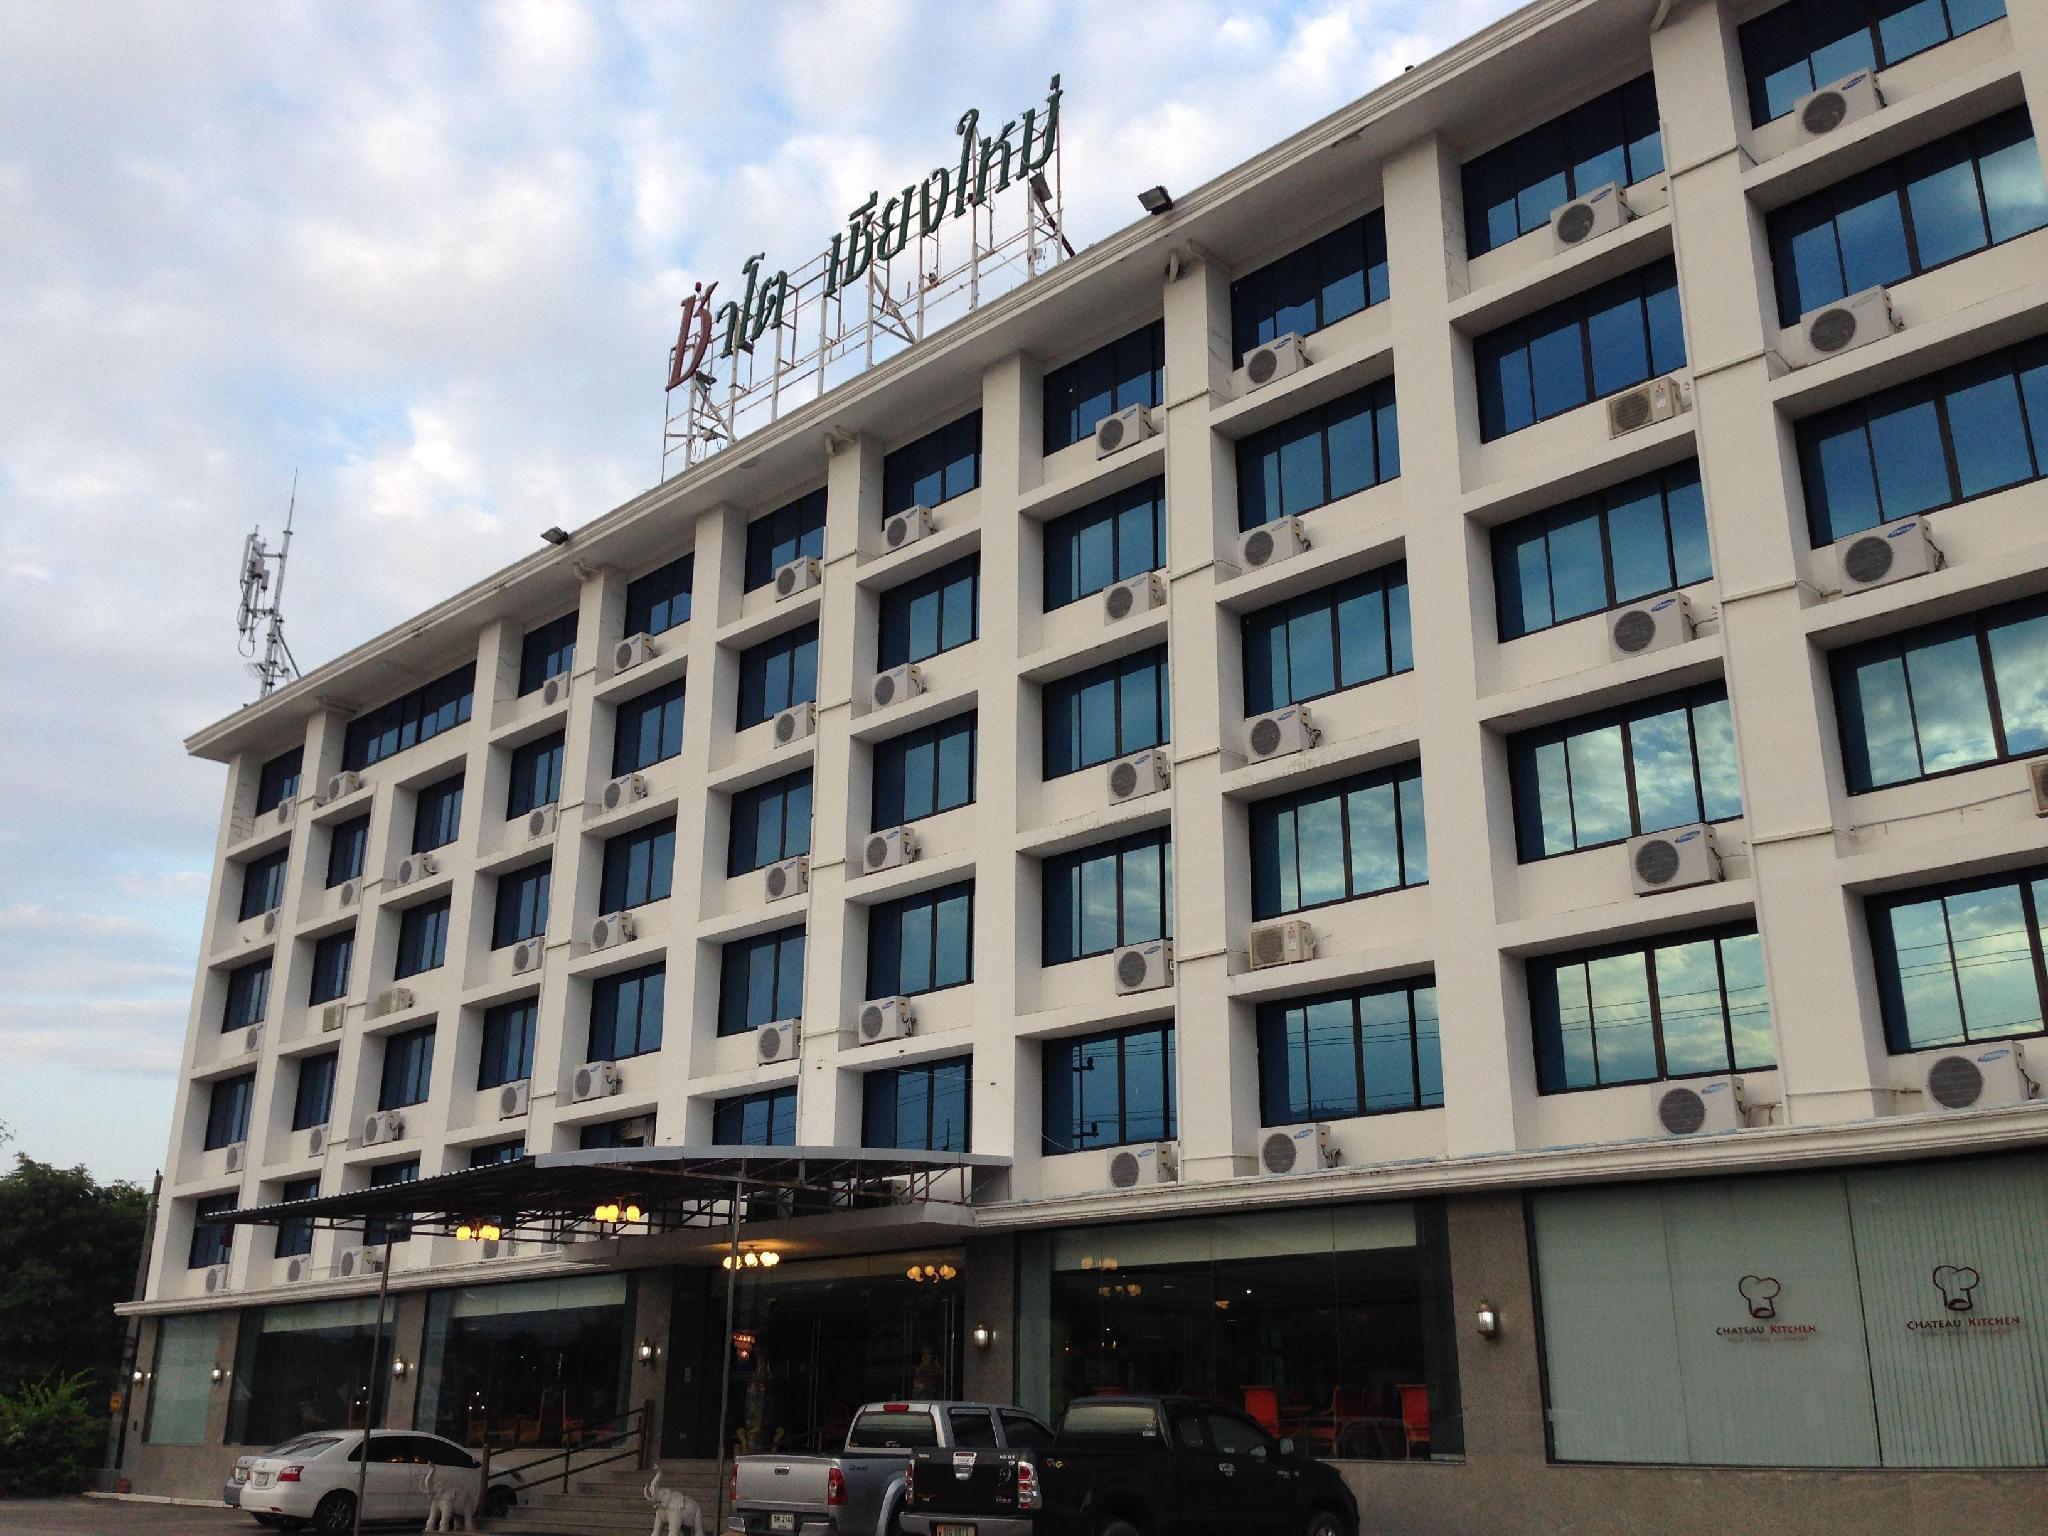 Hotell Chateau Chiangmai Hotel   Apartment i , Chiang Mai. Klicka för att läsa mer och skicka bokningsförfrågan